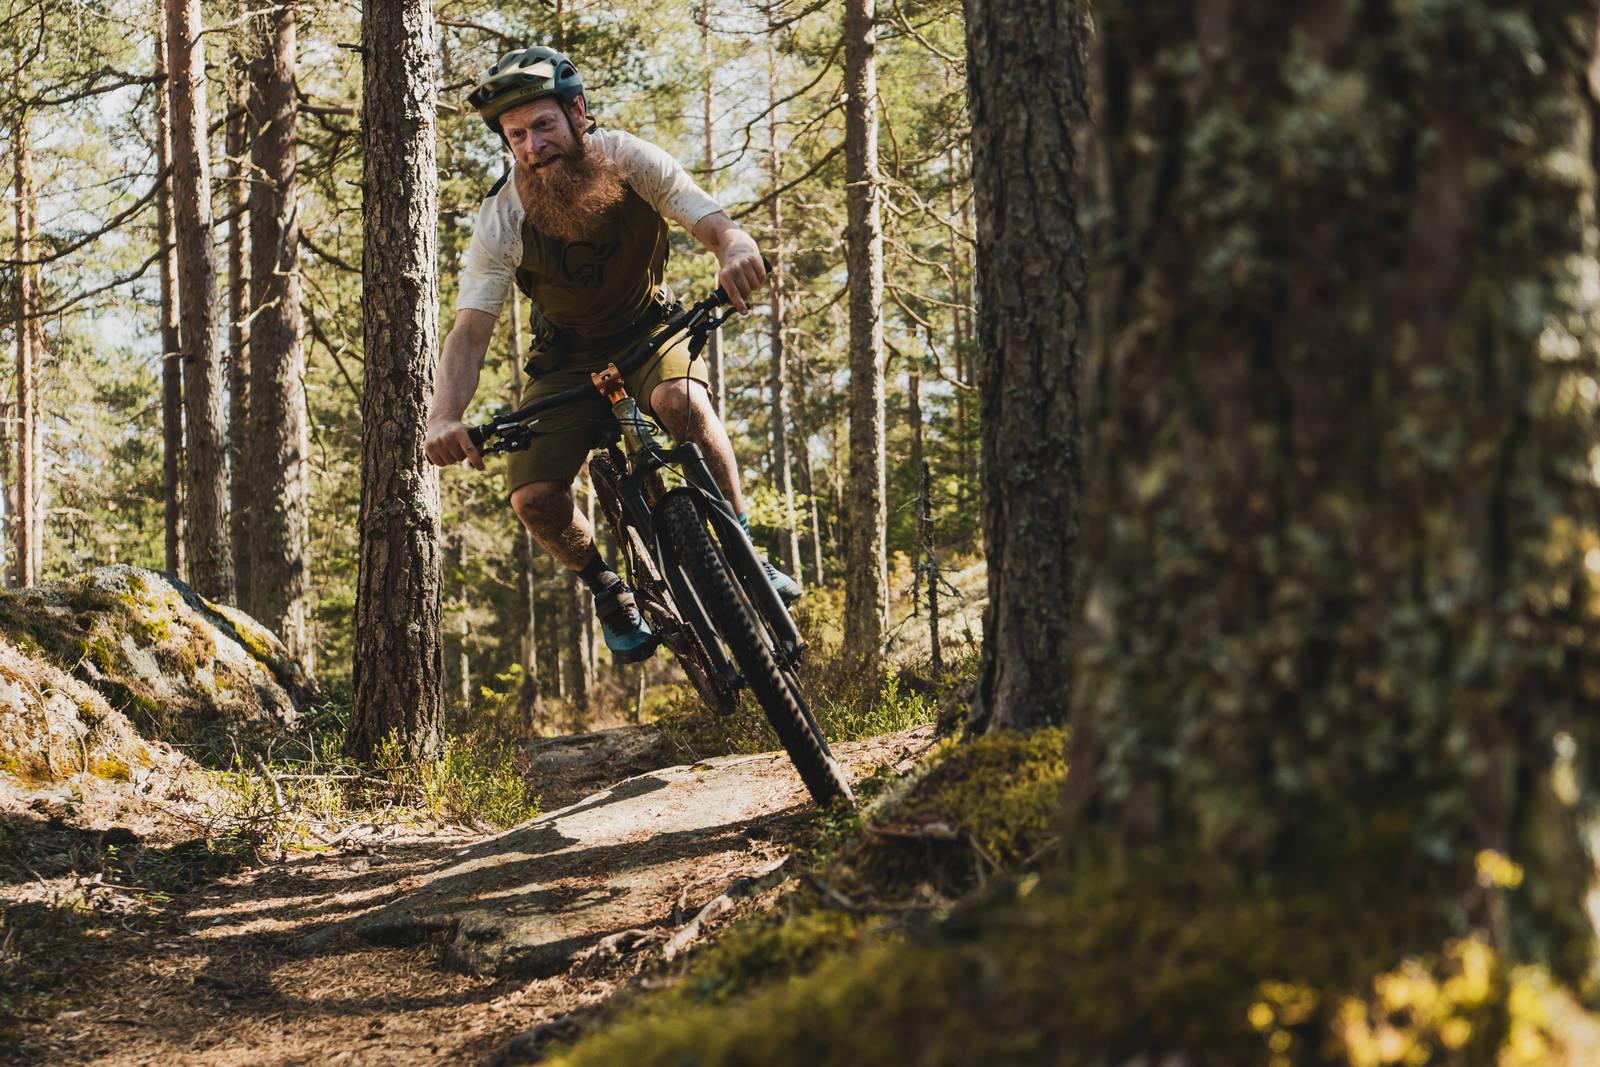 Sykkelekspert Øyvind Aas på hjemmebane et sted dypt inne i Østmarka. Bilde: Christian Nerdrum